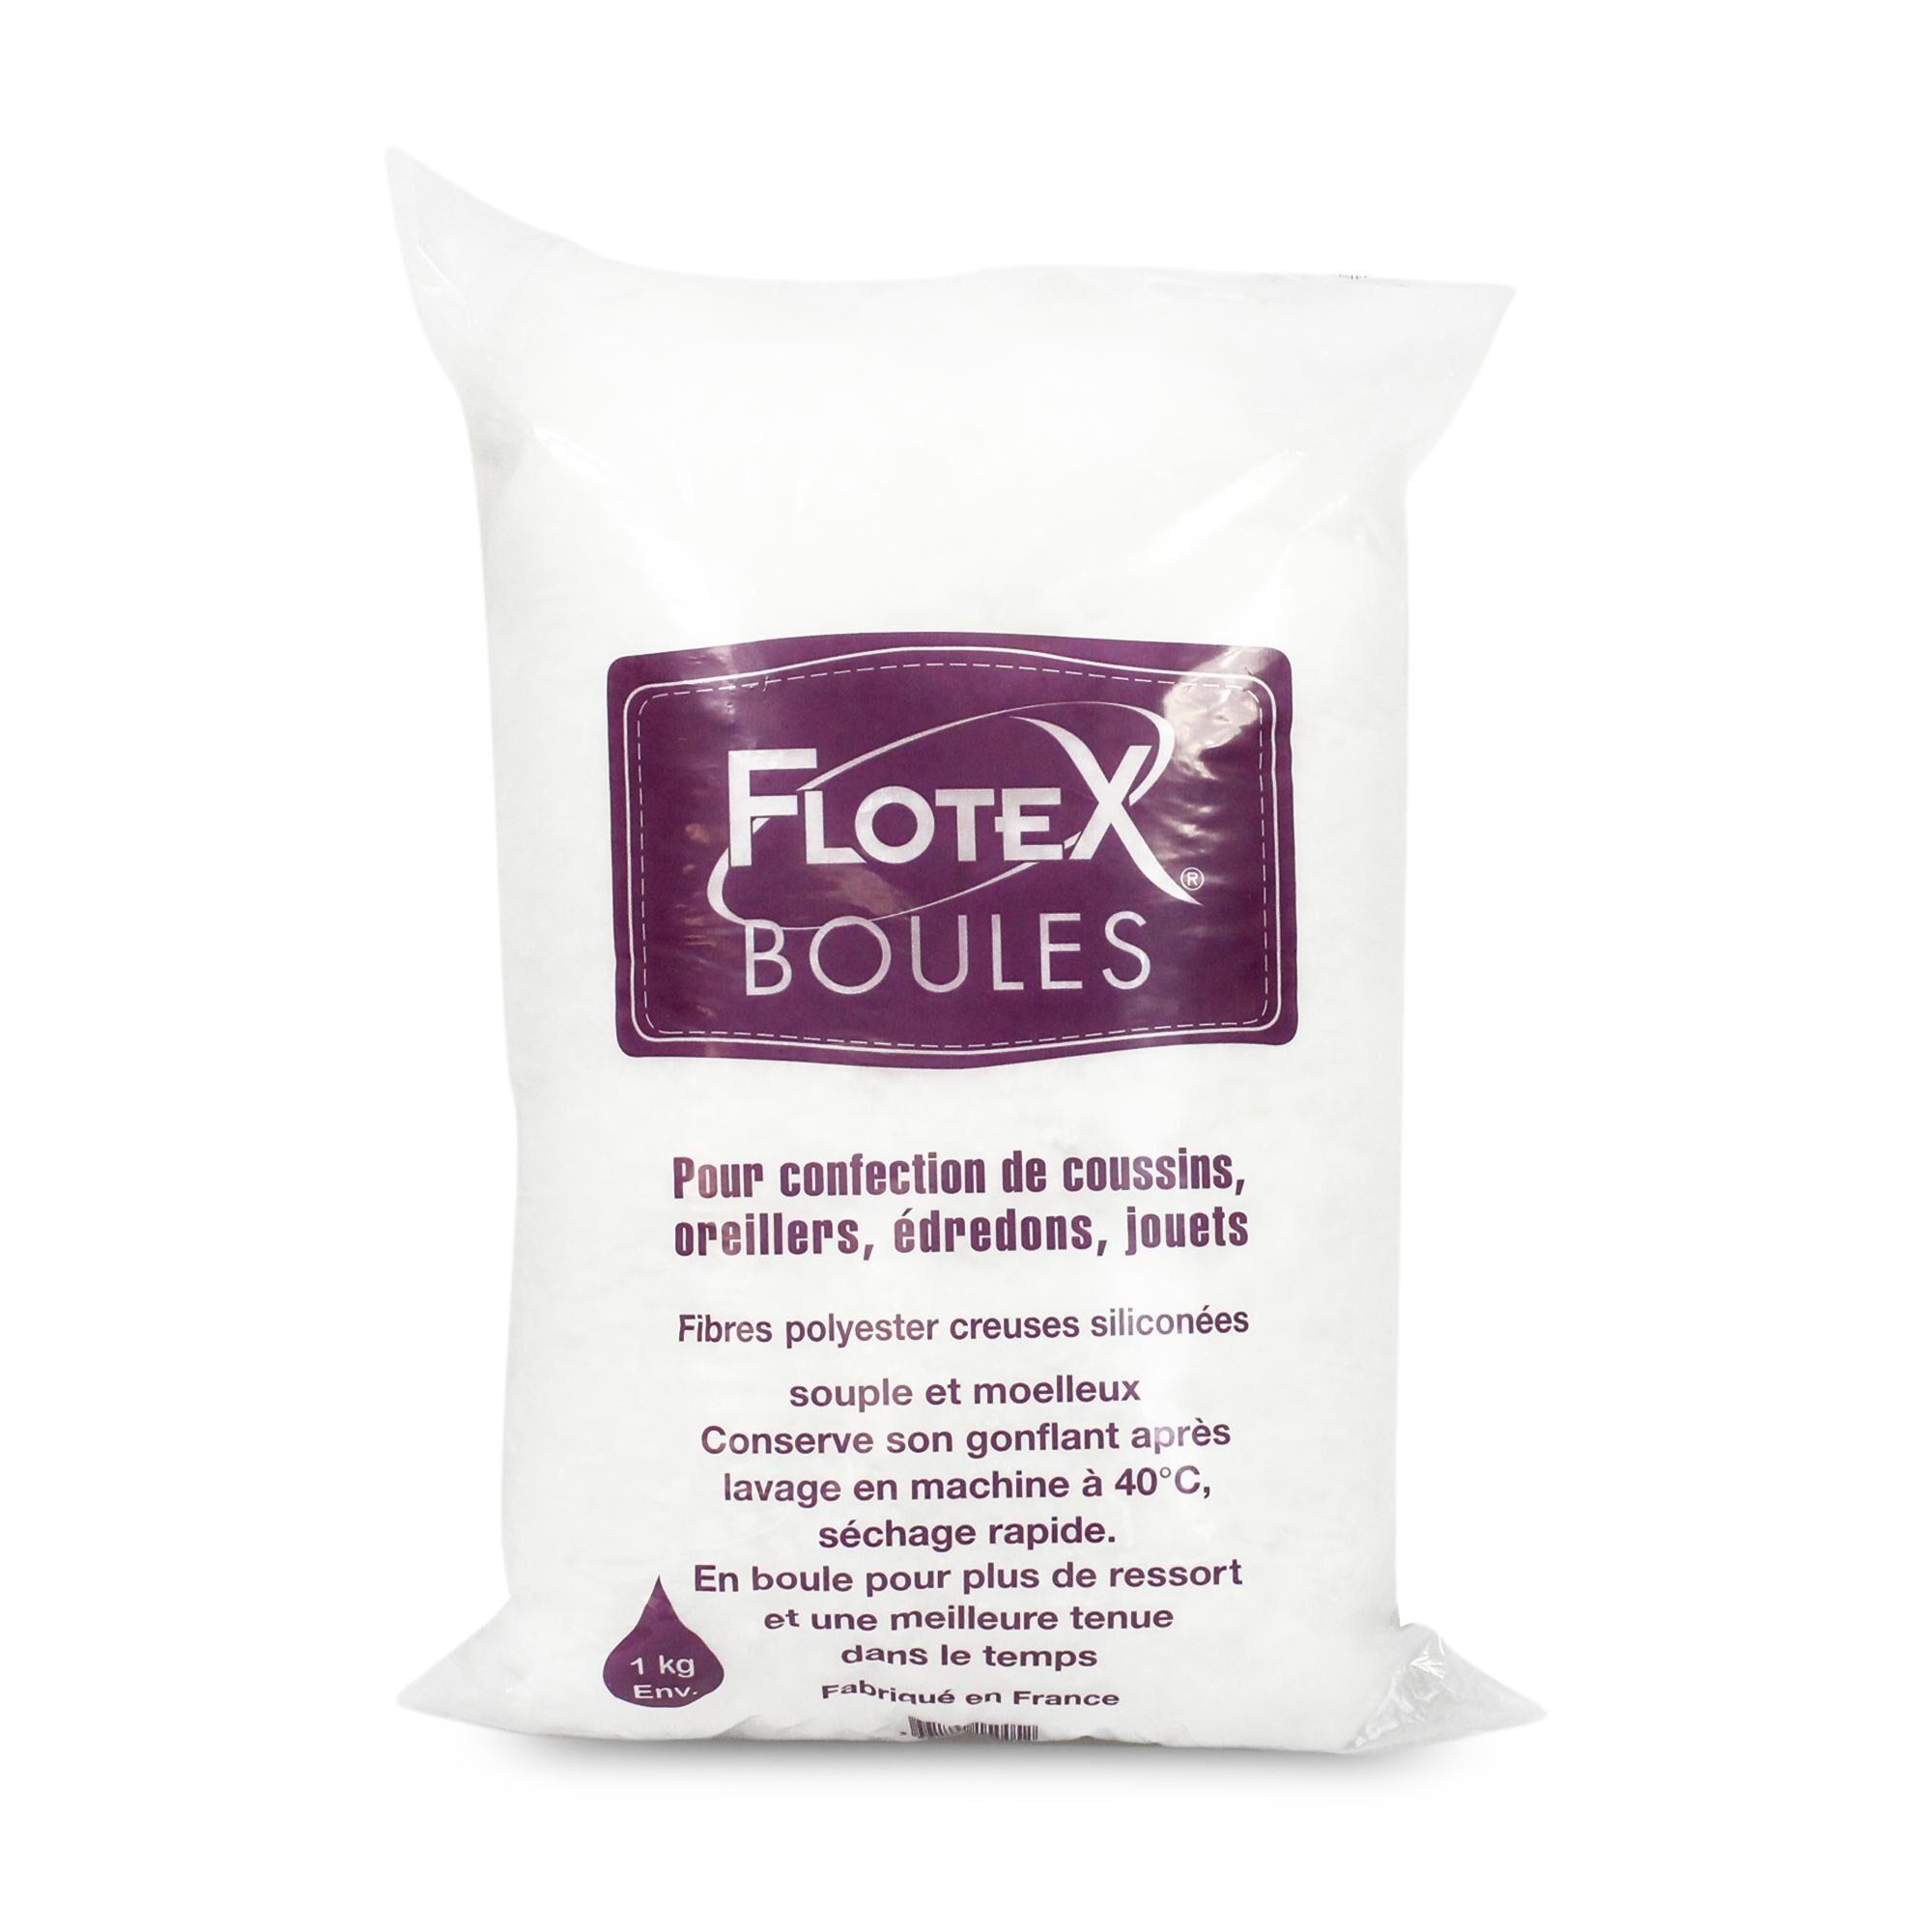 Linnea Rembourrage Flotex boules sac 1 kg